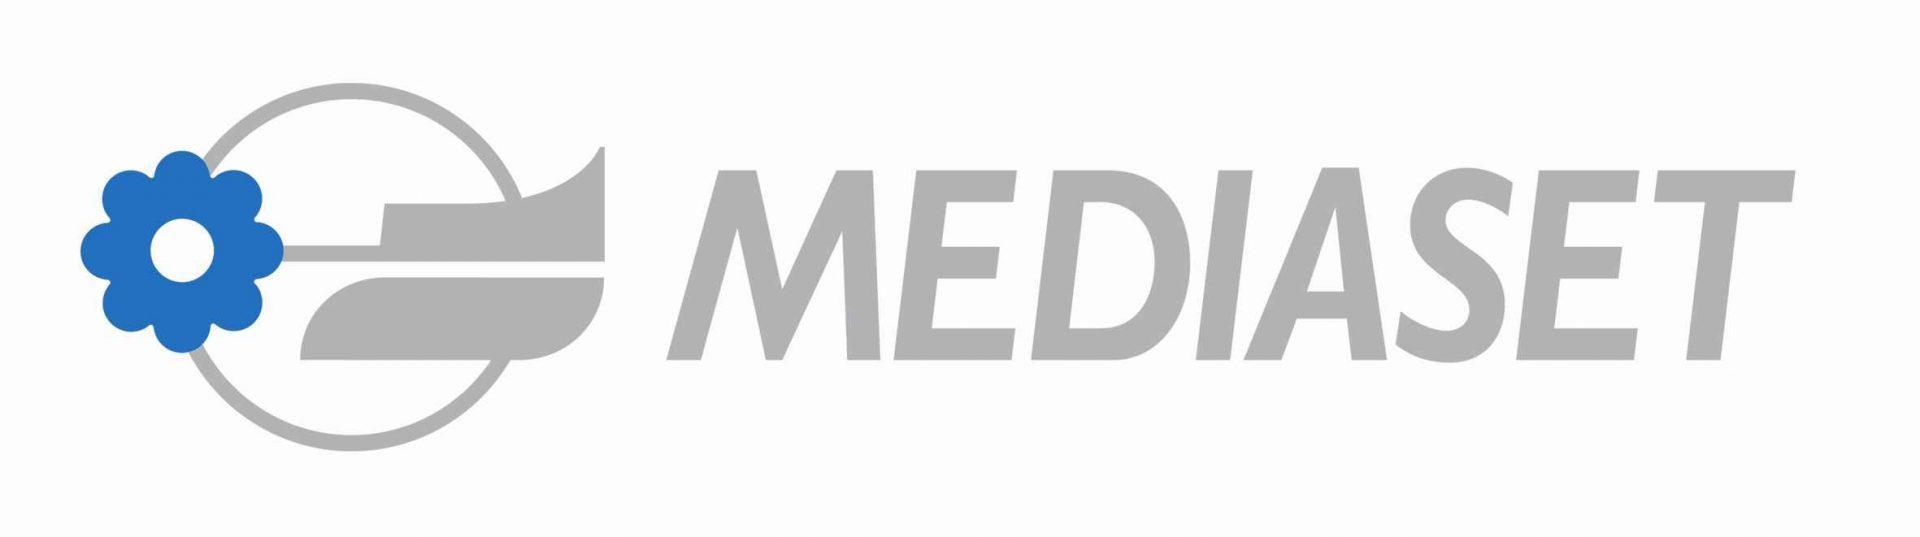 EBX: Mediaset, ProSiebenSat.1 e TF1 annunciano l'ingresso di Channel 4 partner esclusivo per il Regno Unito